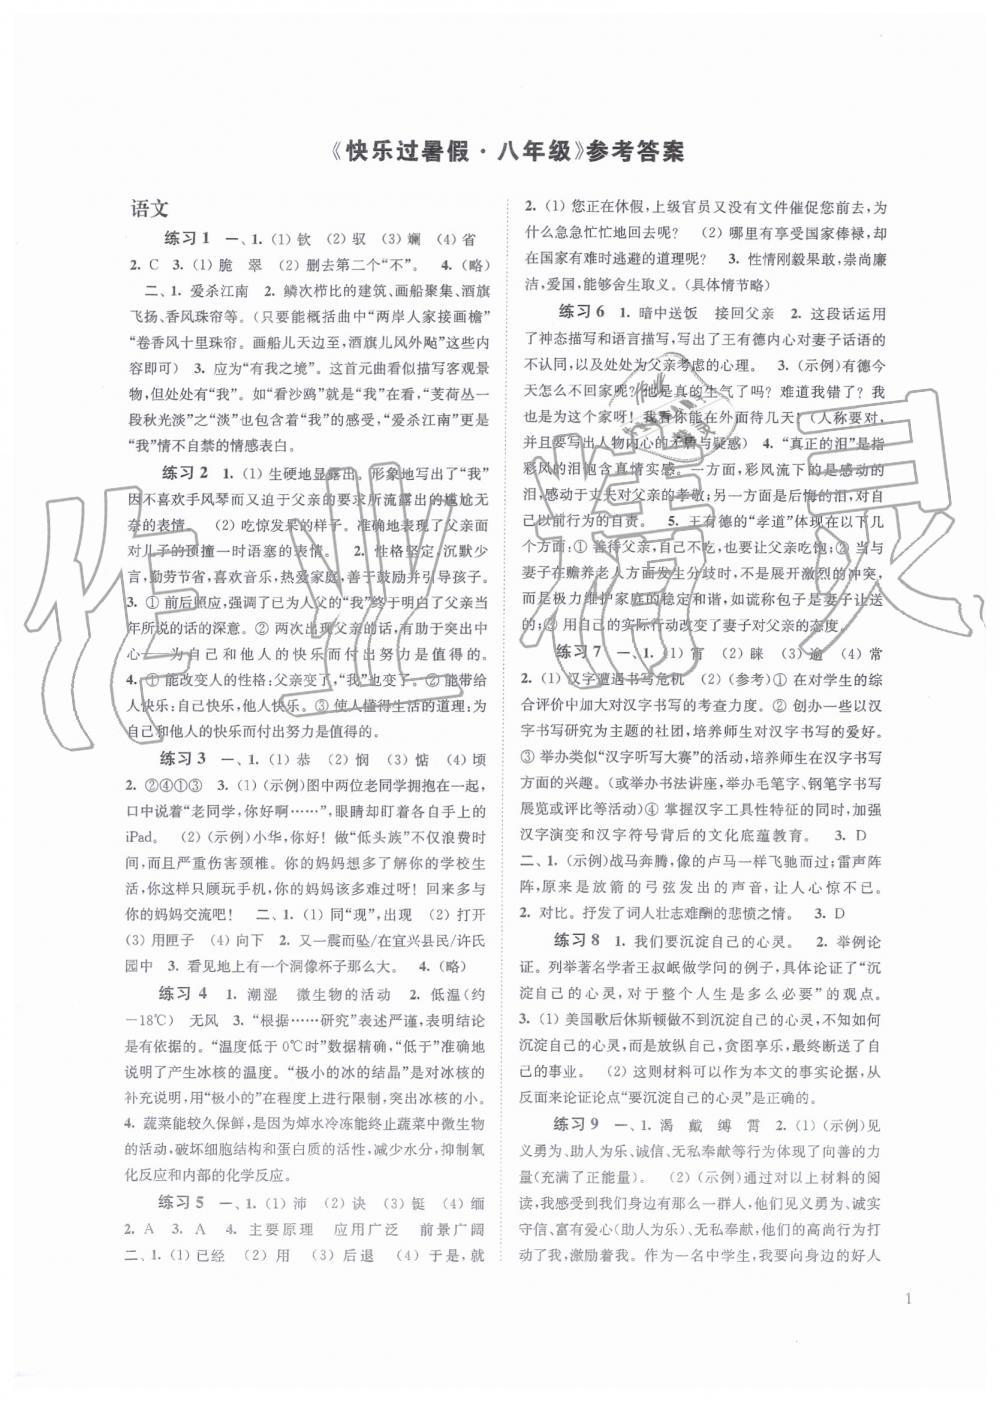 2019年快乐过暑假八年级第1页